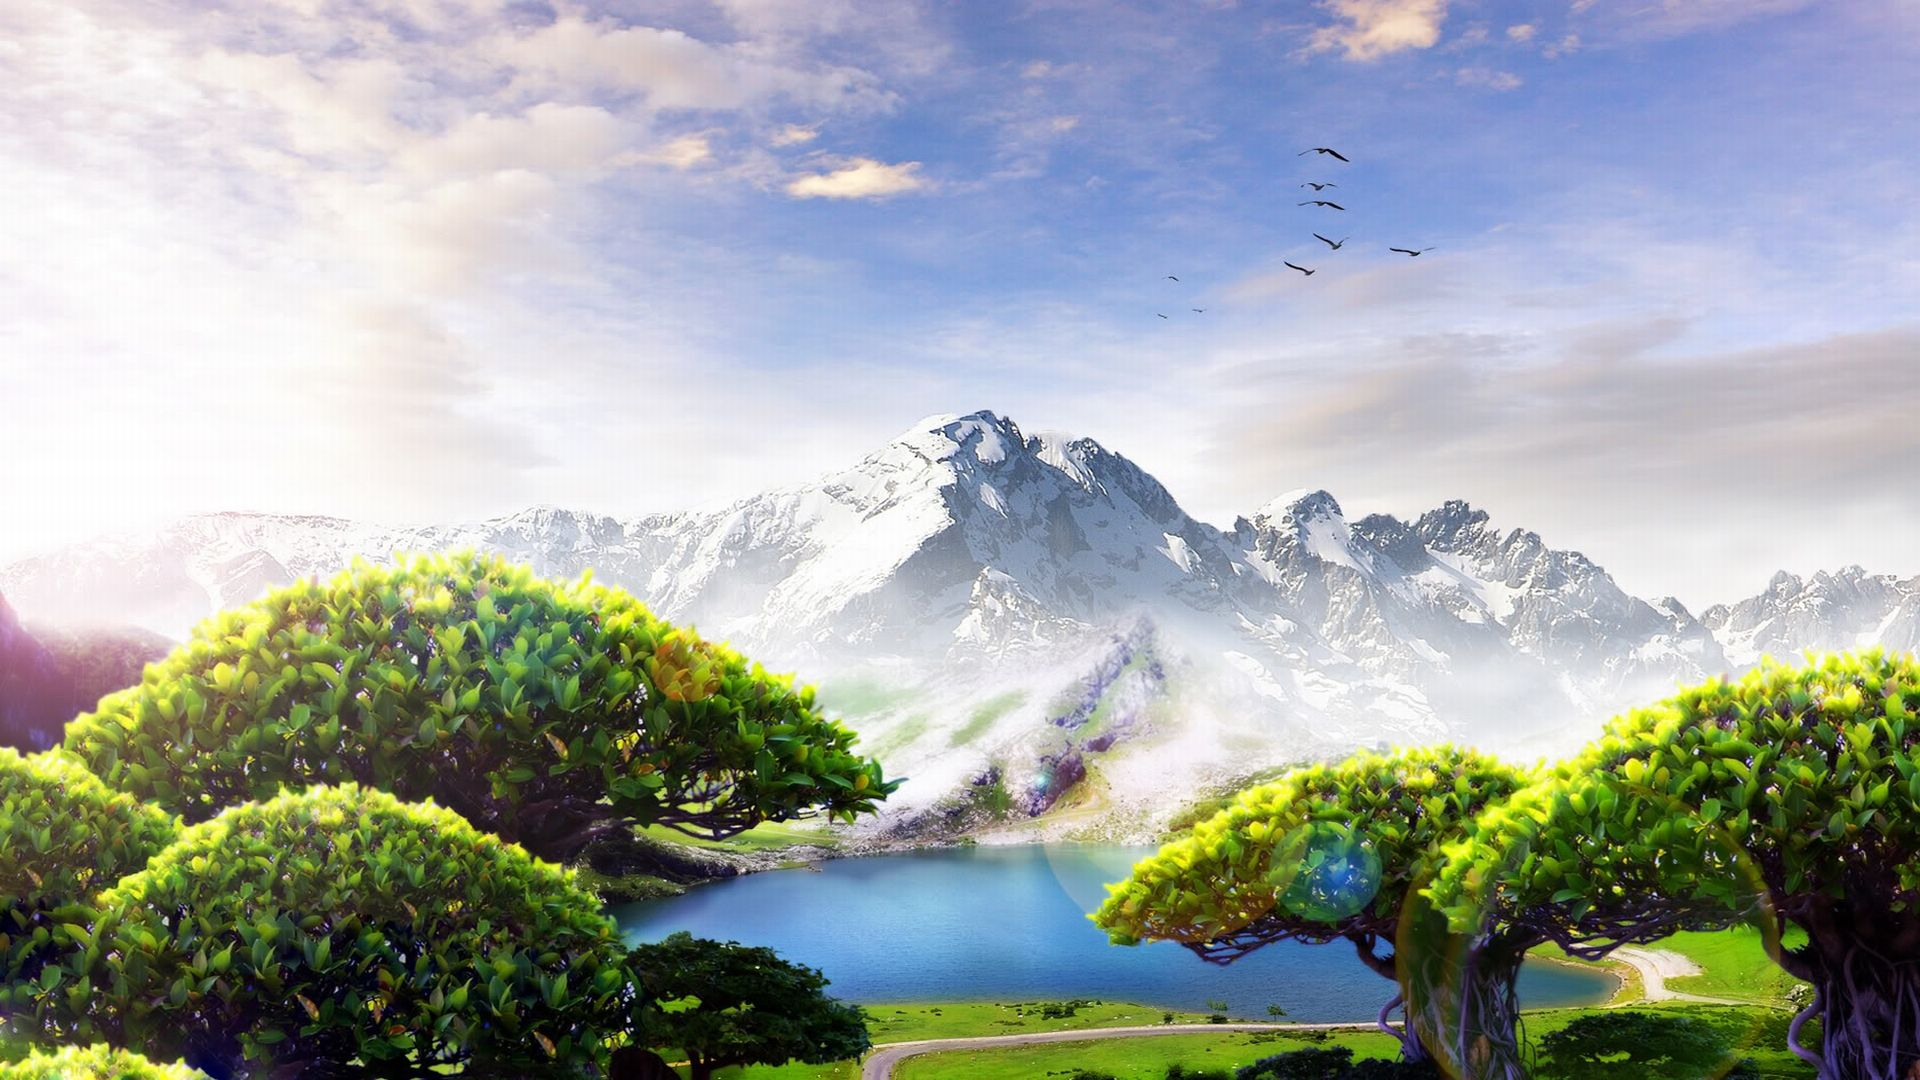 Artistique - Paysage  Nature Artistic Lake Fond d'écran